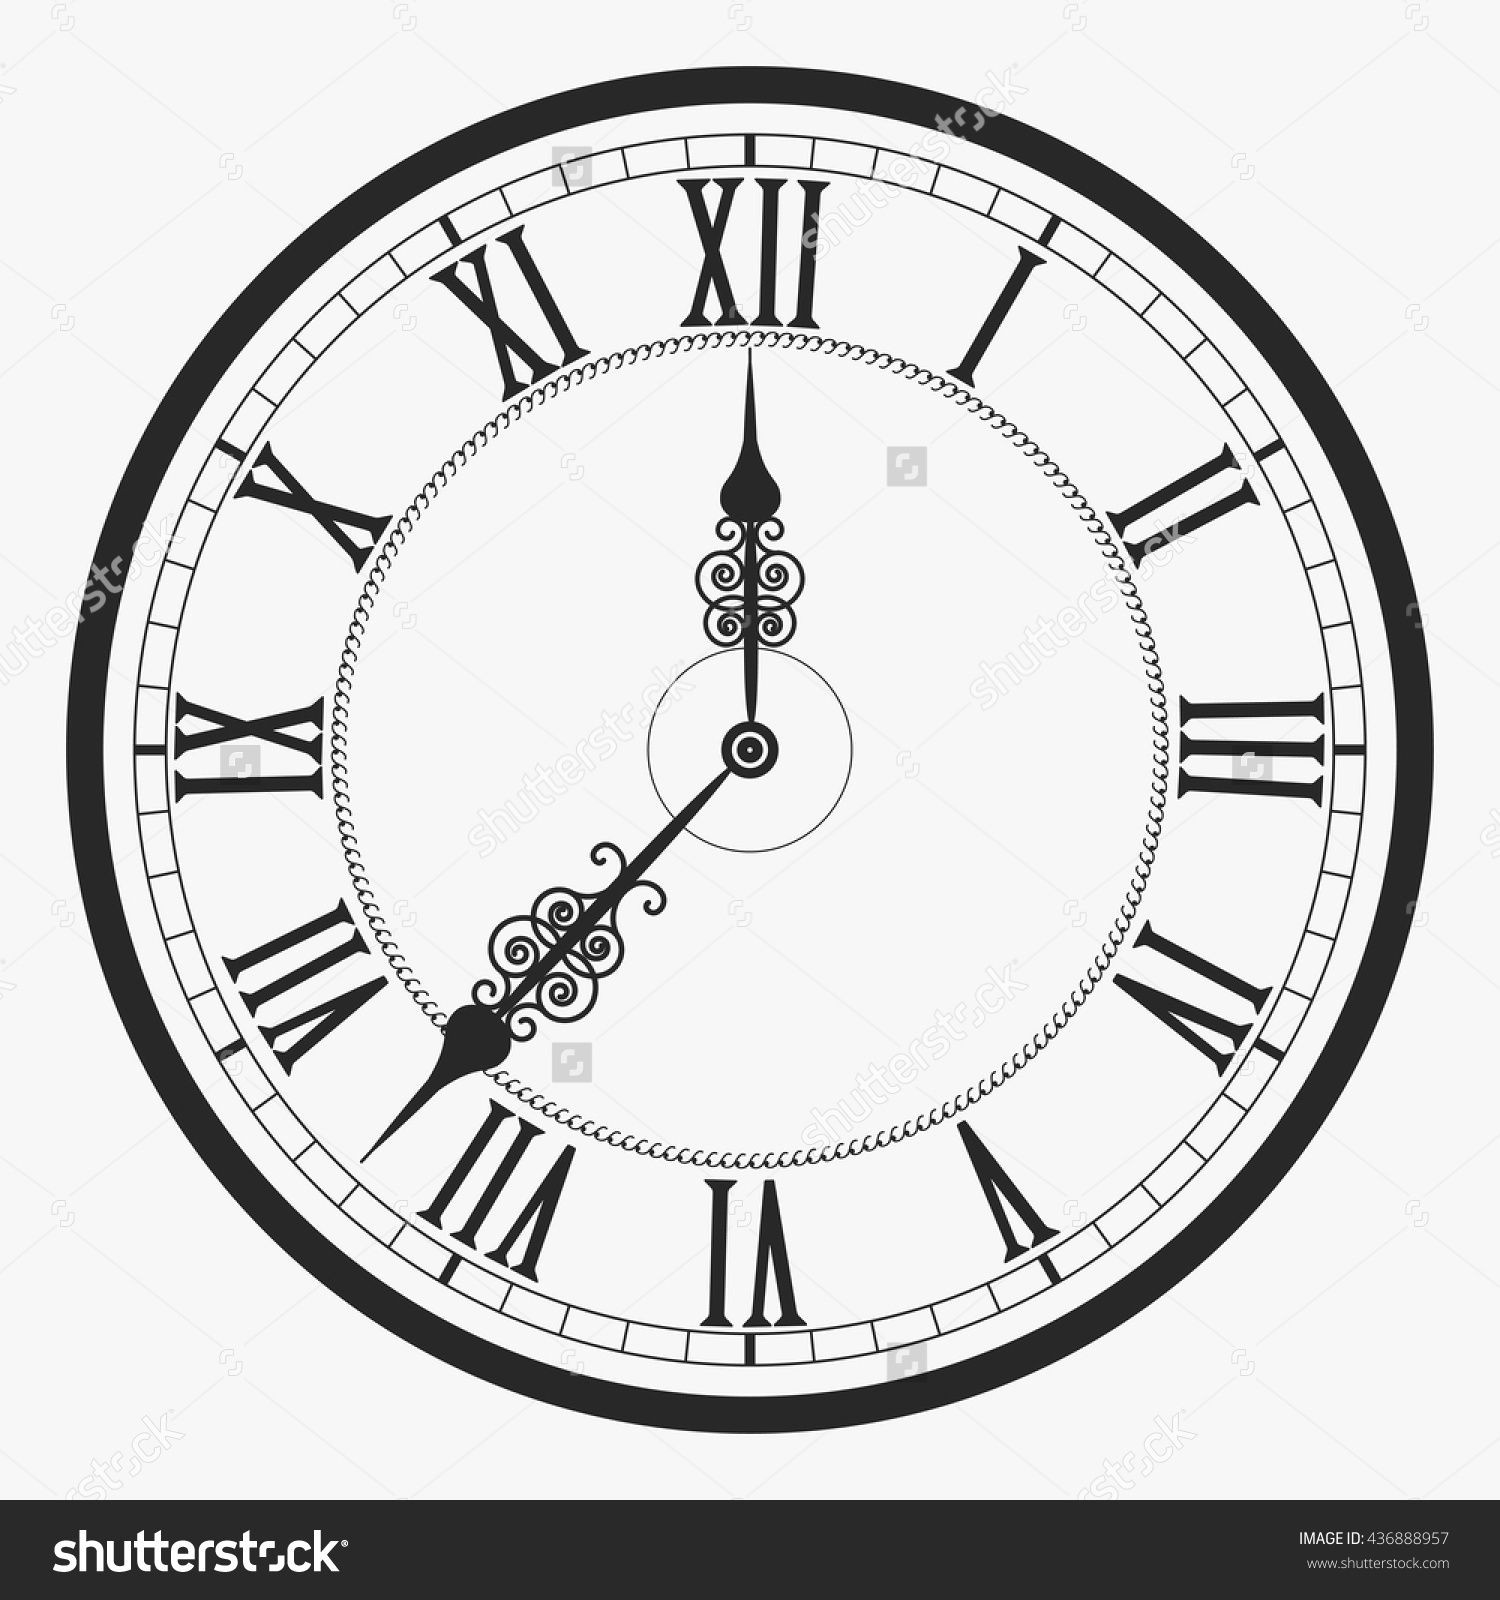 Calendarios 2019 Para Imprimir Bonitos De Bolsillo Más Caliente Resultado De Imagem Para Clock Tattoo Designs Tattoo Of Calendarios 2019 Para Imprimir Bonitos De Bolsillo Más Recientes Diseo De Calendario Beautiful Color with Diseo De Calendario with